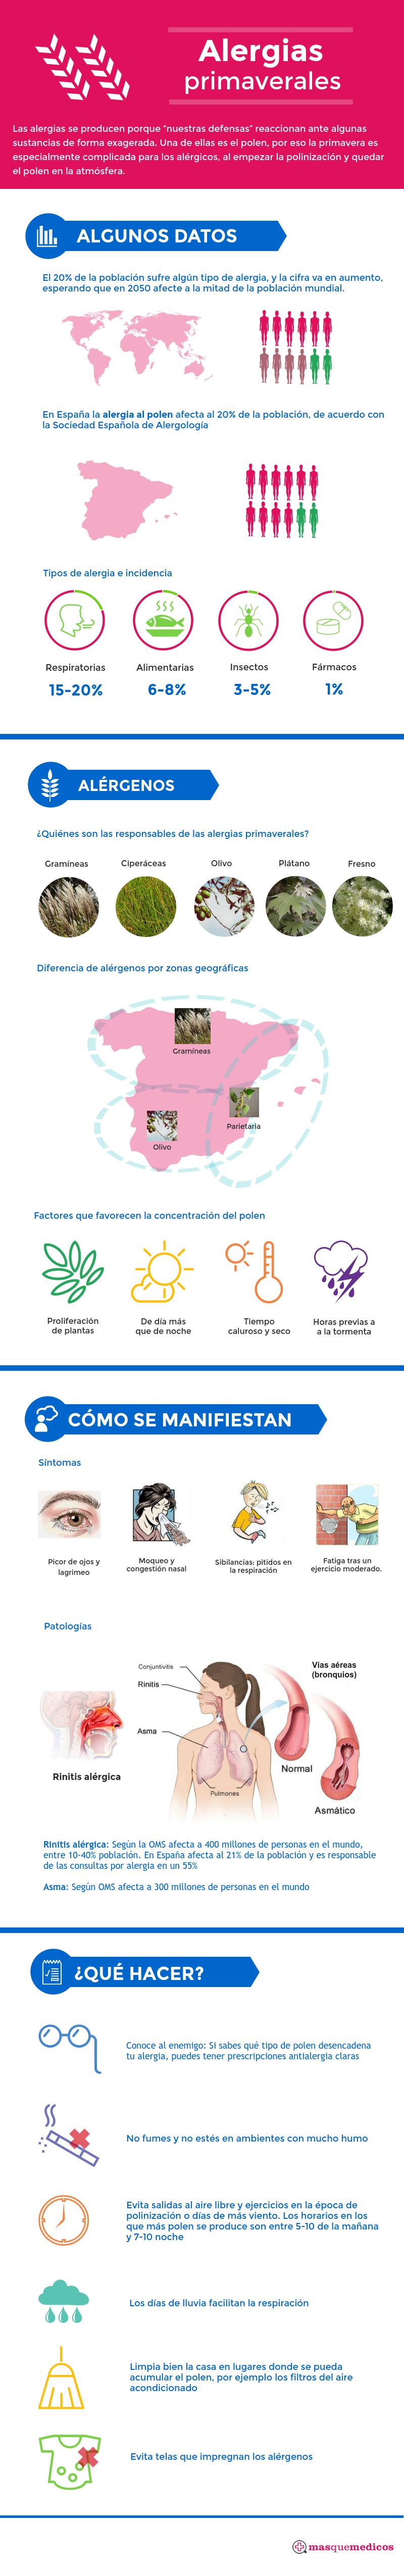 infografía alergias primaverales